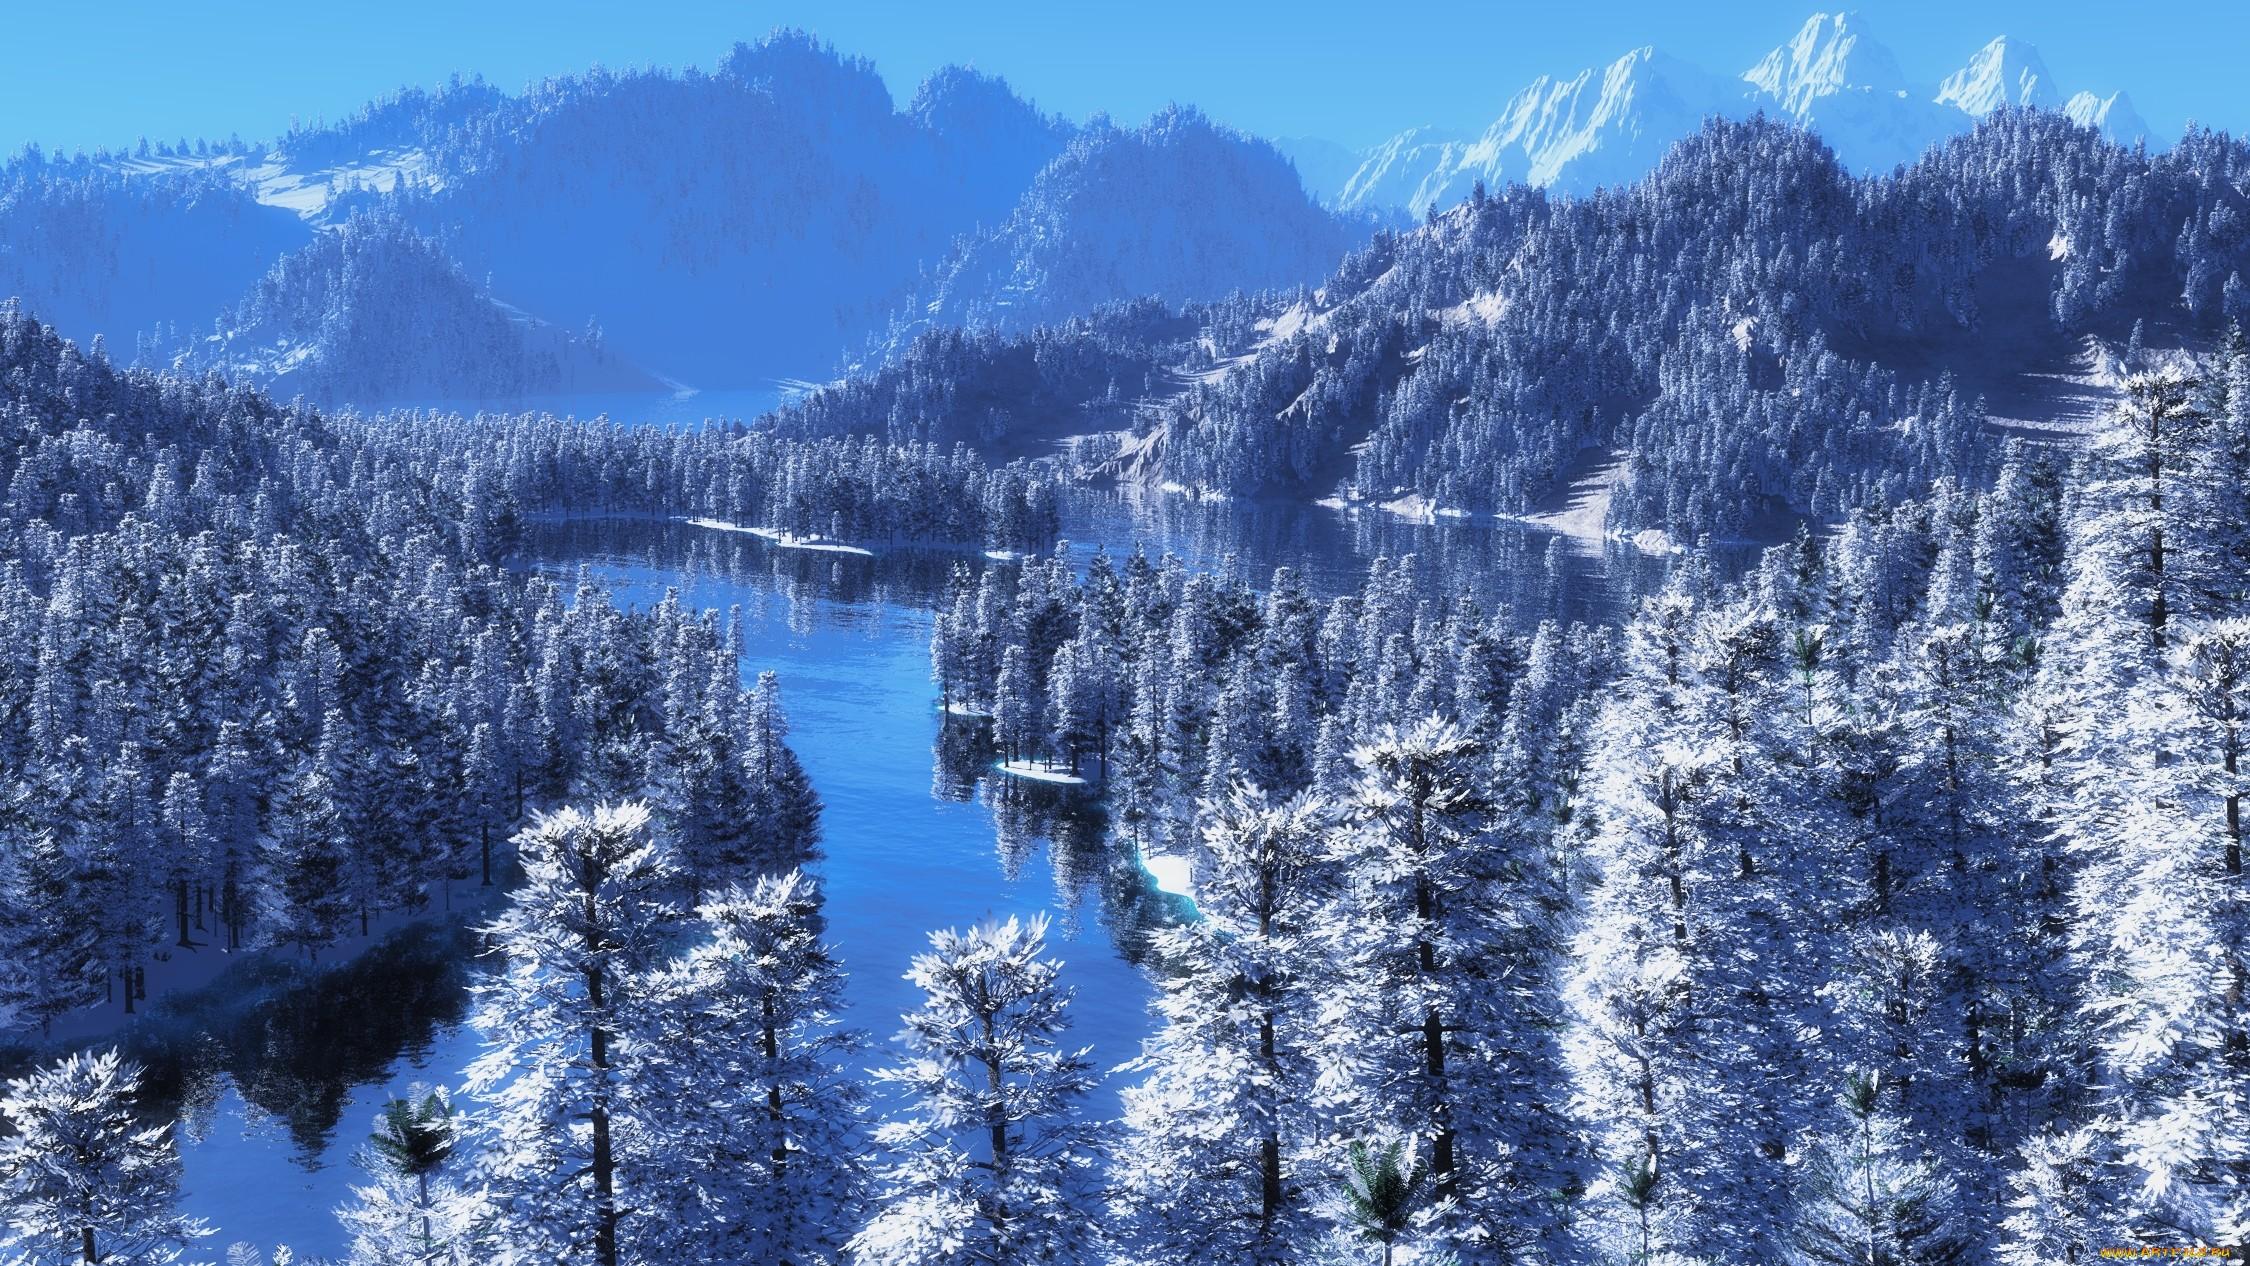 природа скалы деревья горы снег зима nature rock trees mountains snow winter скачать